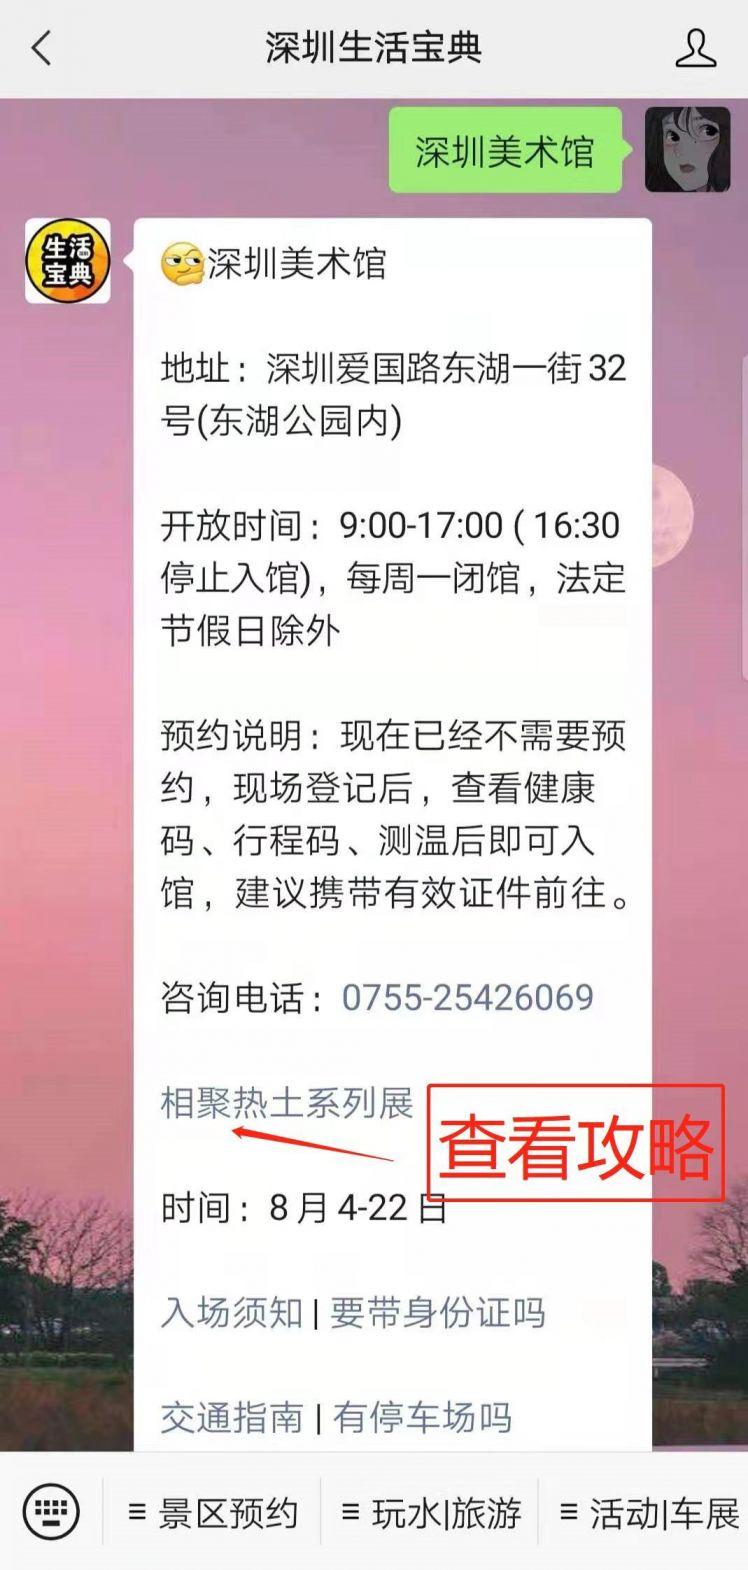 深圳相聚热土系列展时间、地点、预约说明